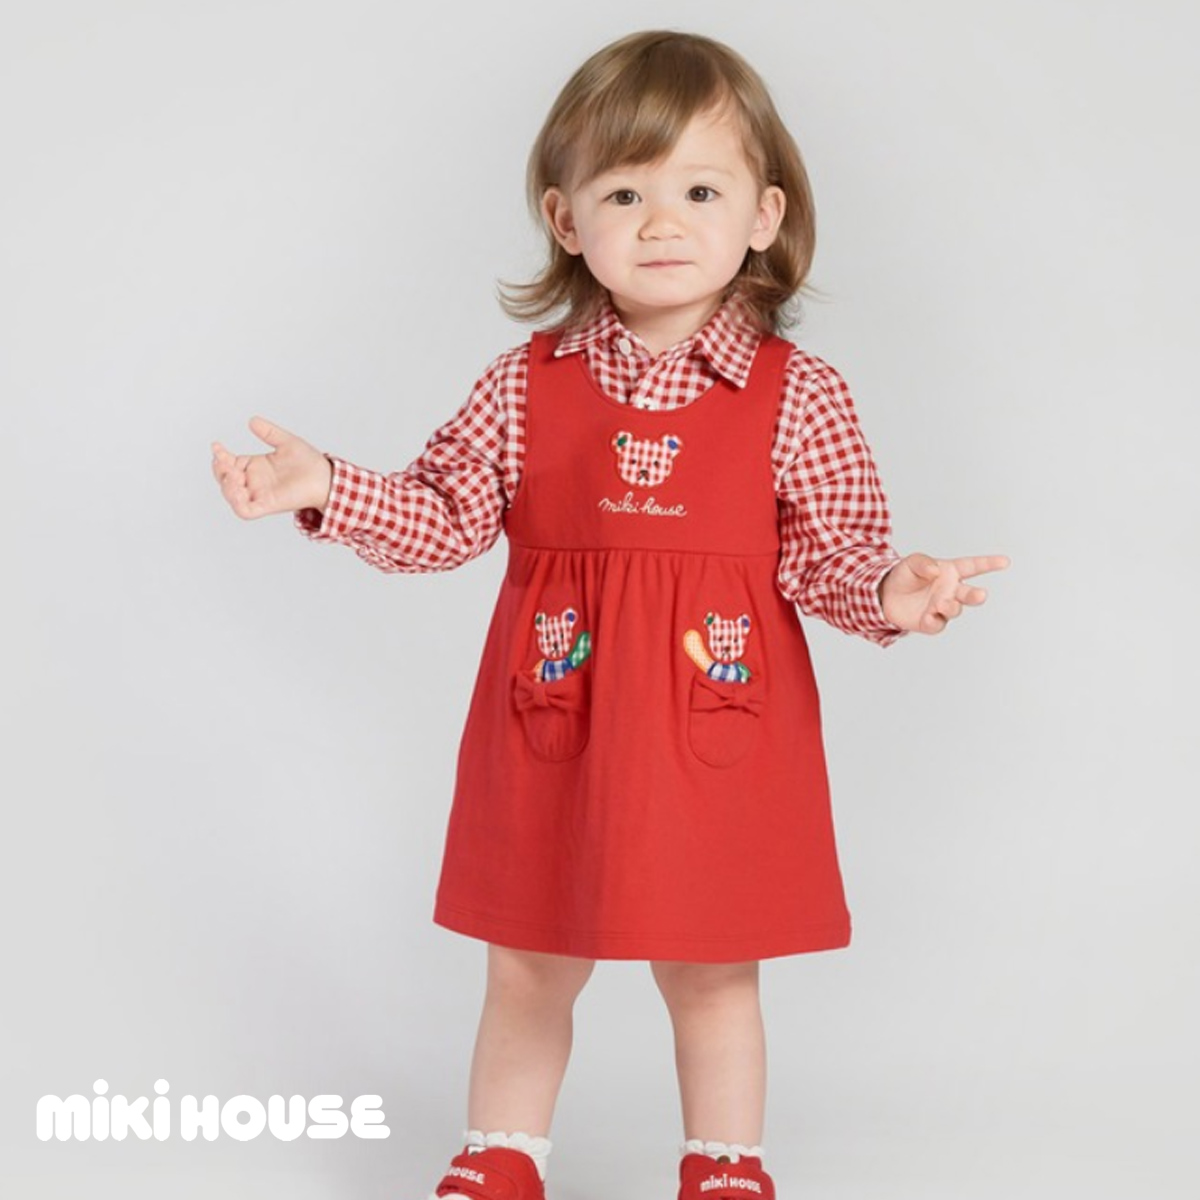 お取り寄せ品 オリジナル 送料無料 MIKIHOUSE 全品送料無料 ミキハウス ジャンパースカート〈S-M 70cm-90cm